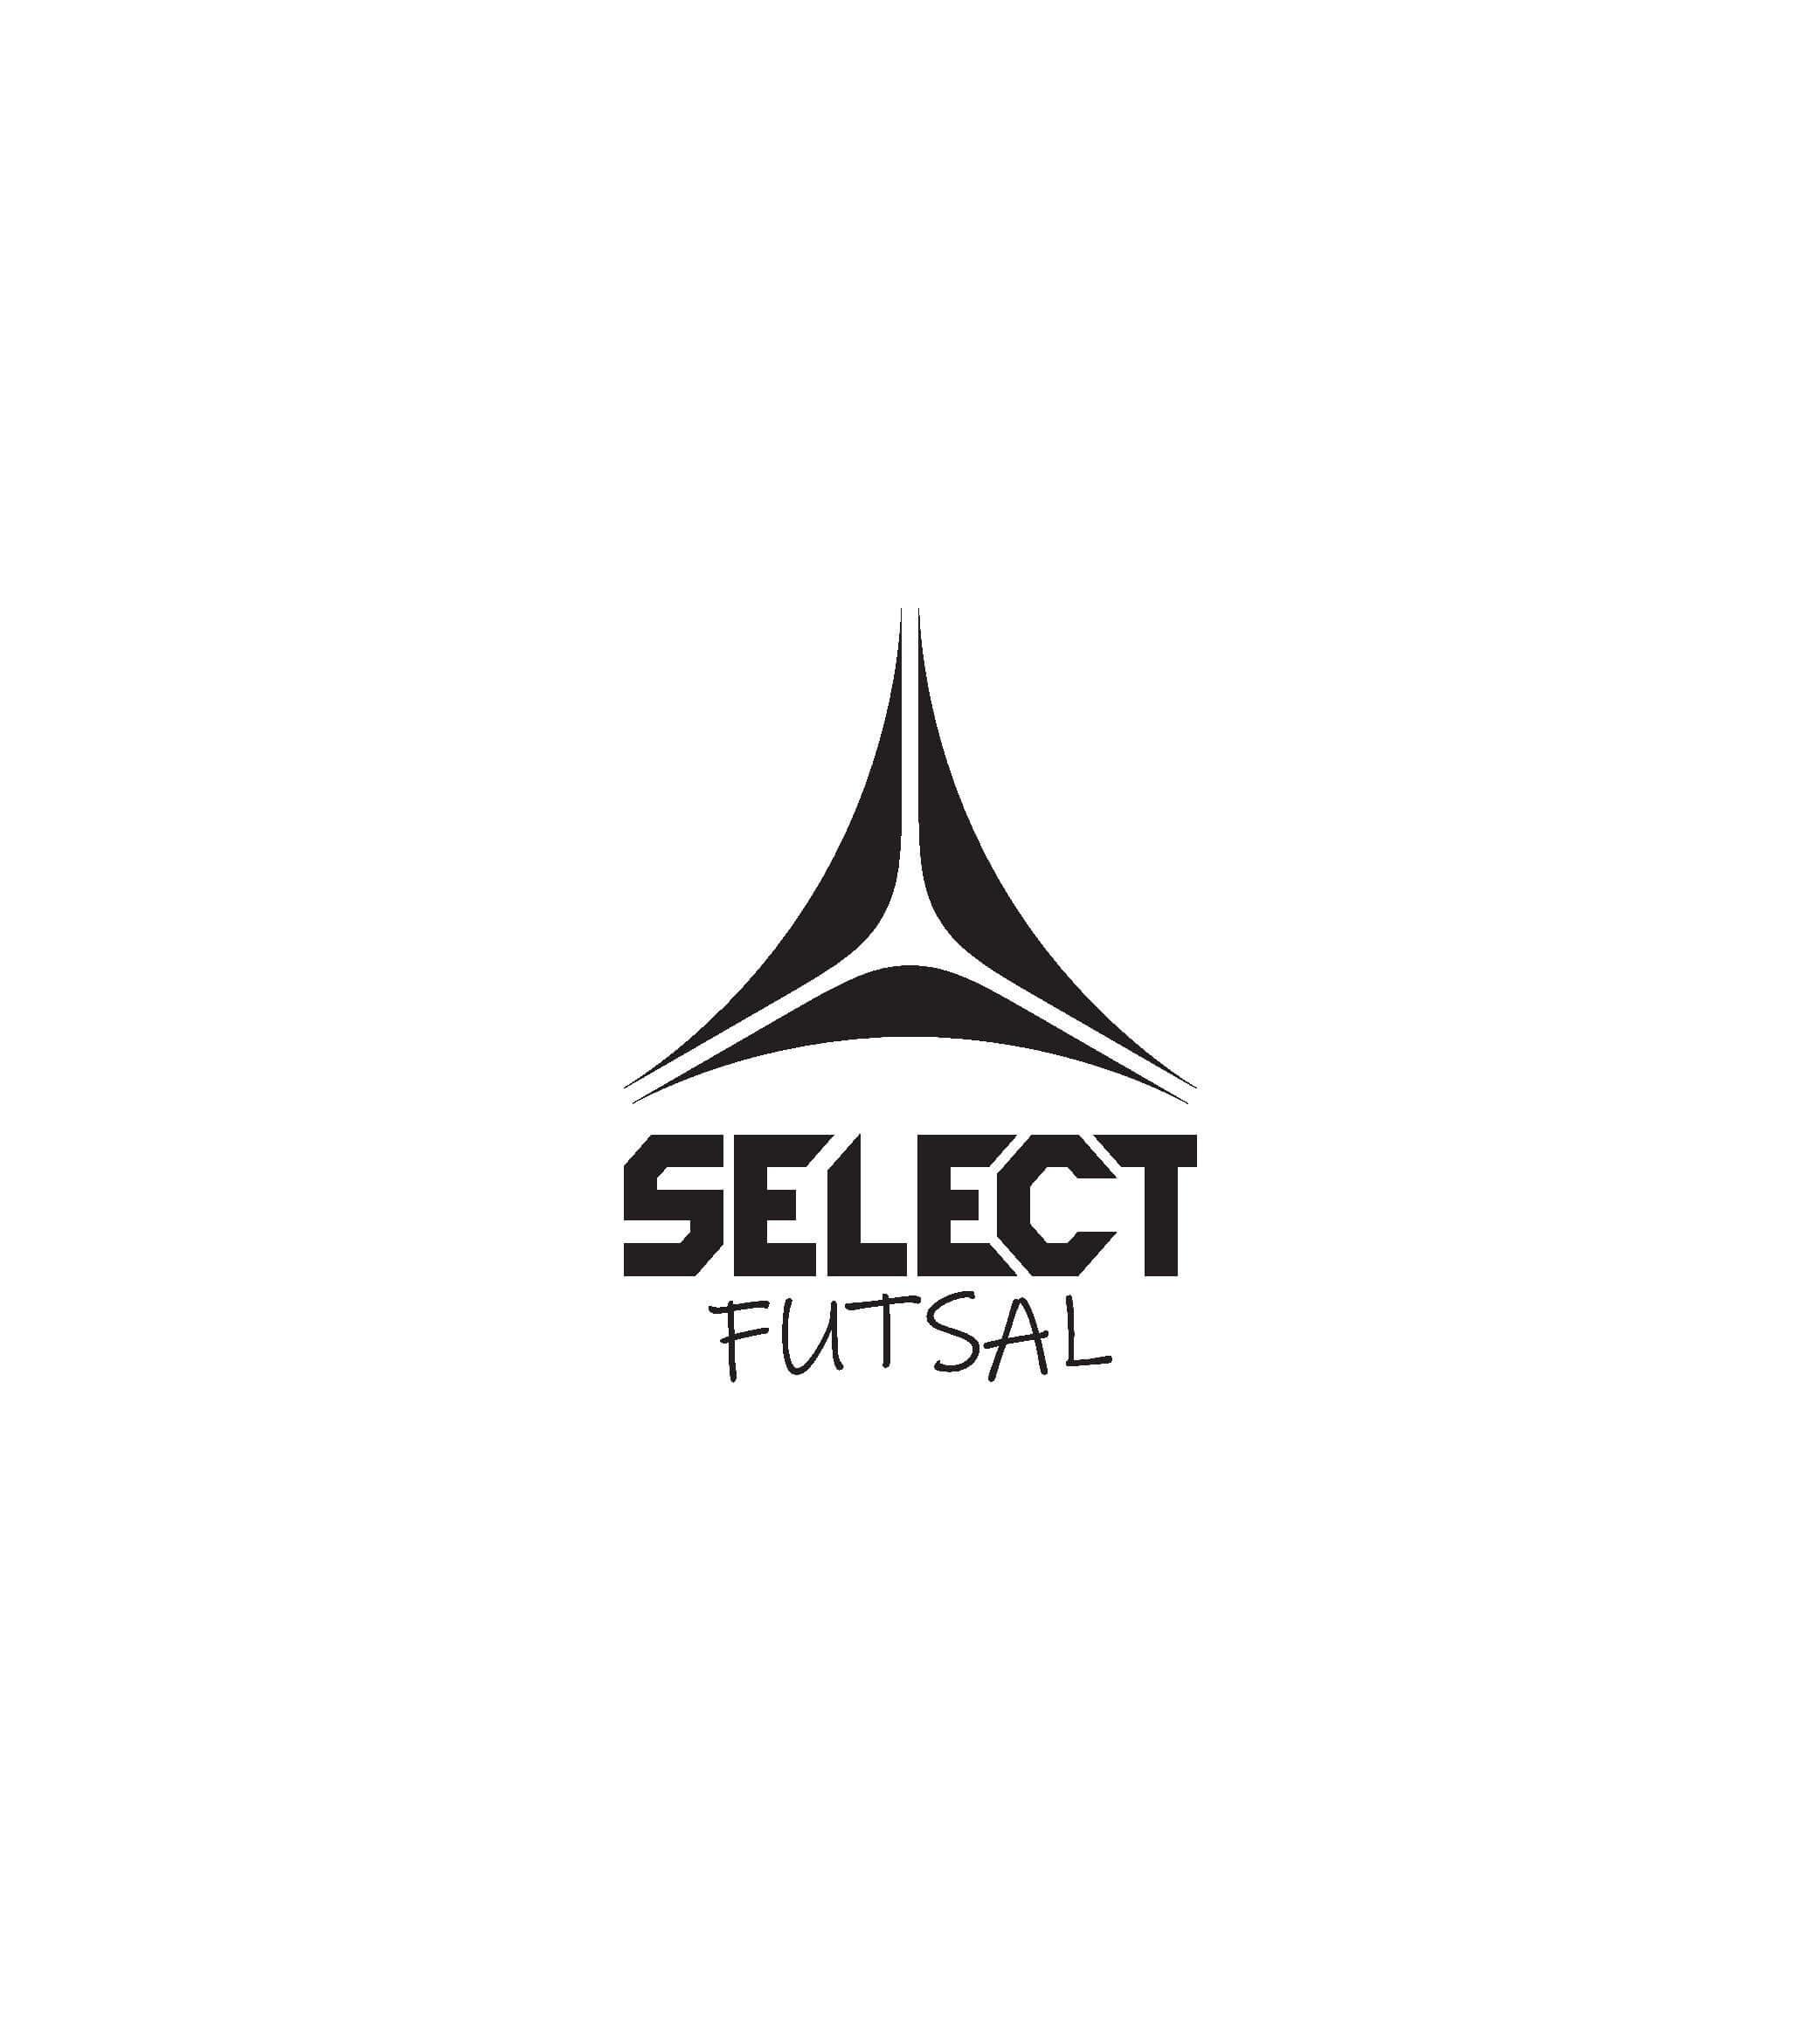 Select Futsal bolde